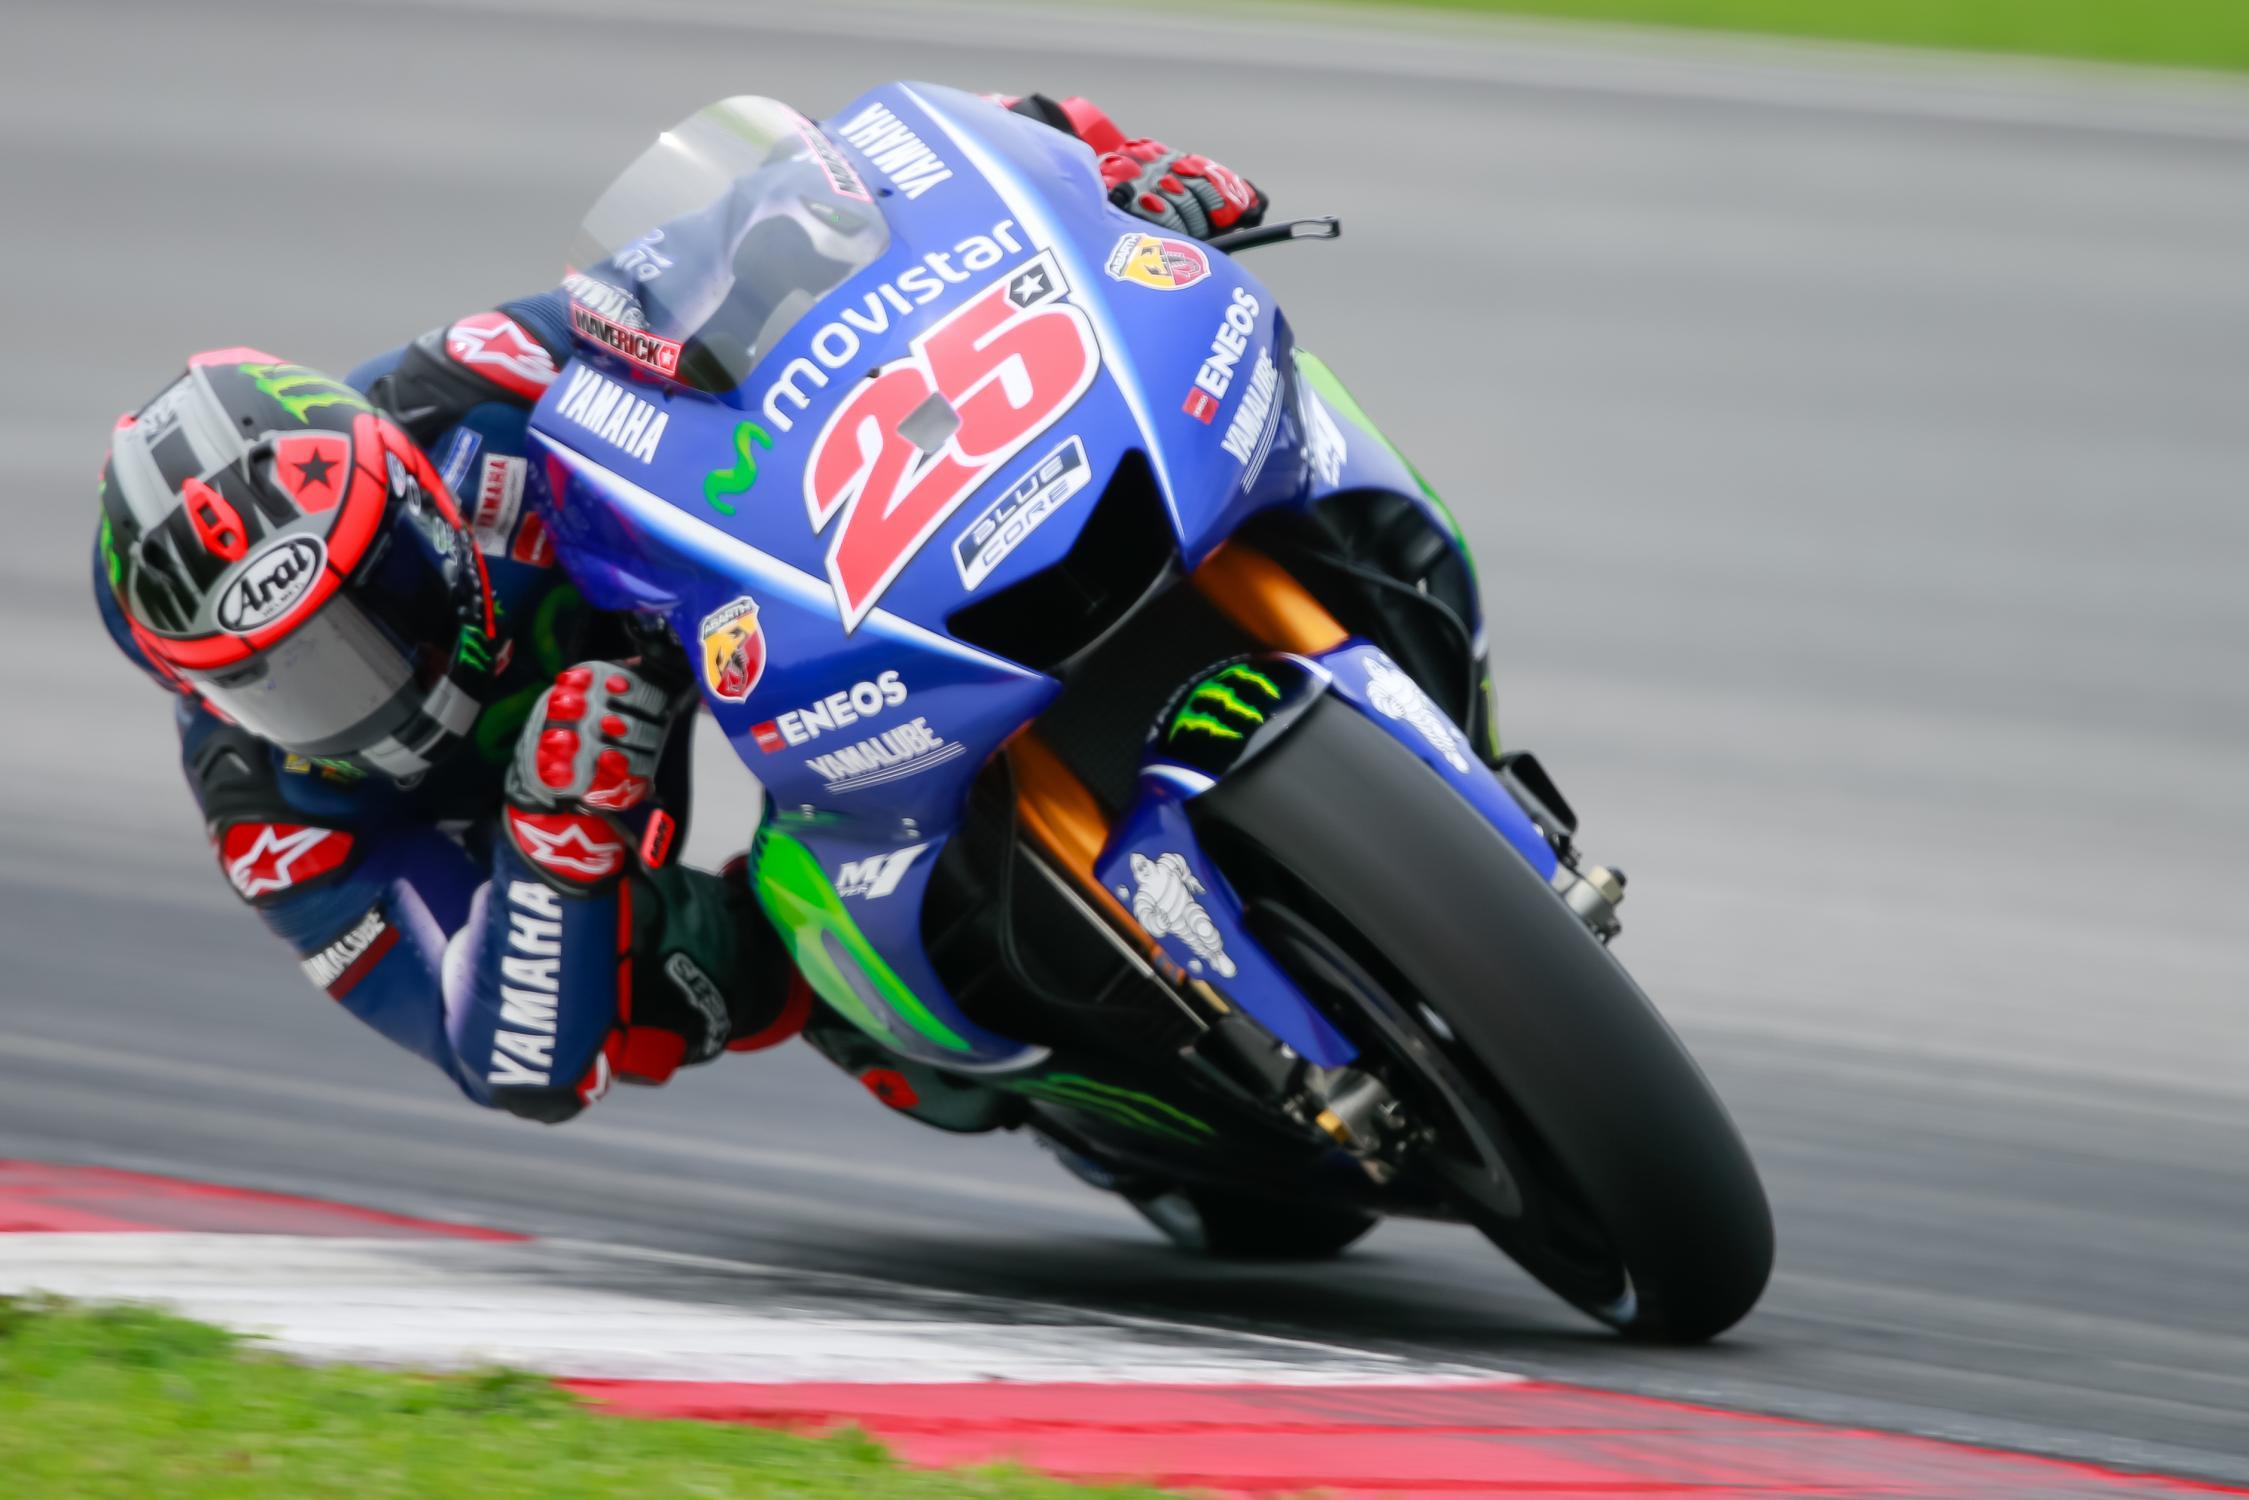 [MotoGP] Test Sepang 25-maverick-vinales-esp_gp_0356.gallery_full_top_fullscreen